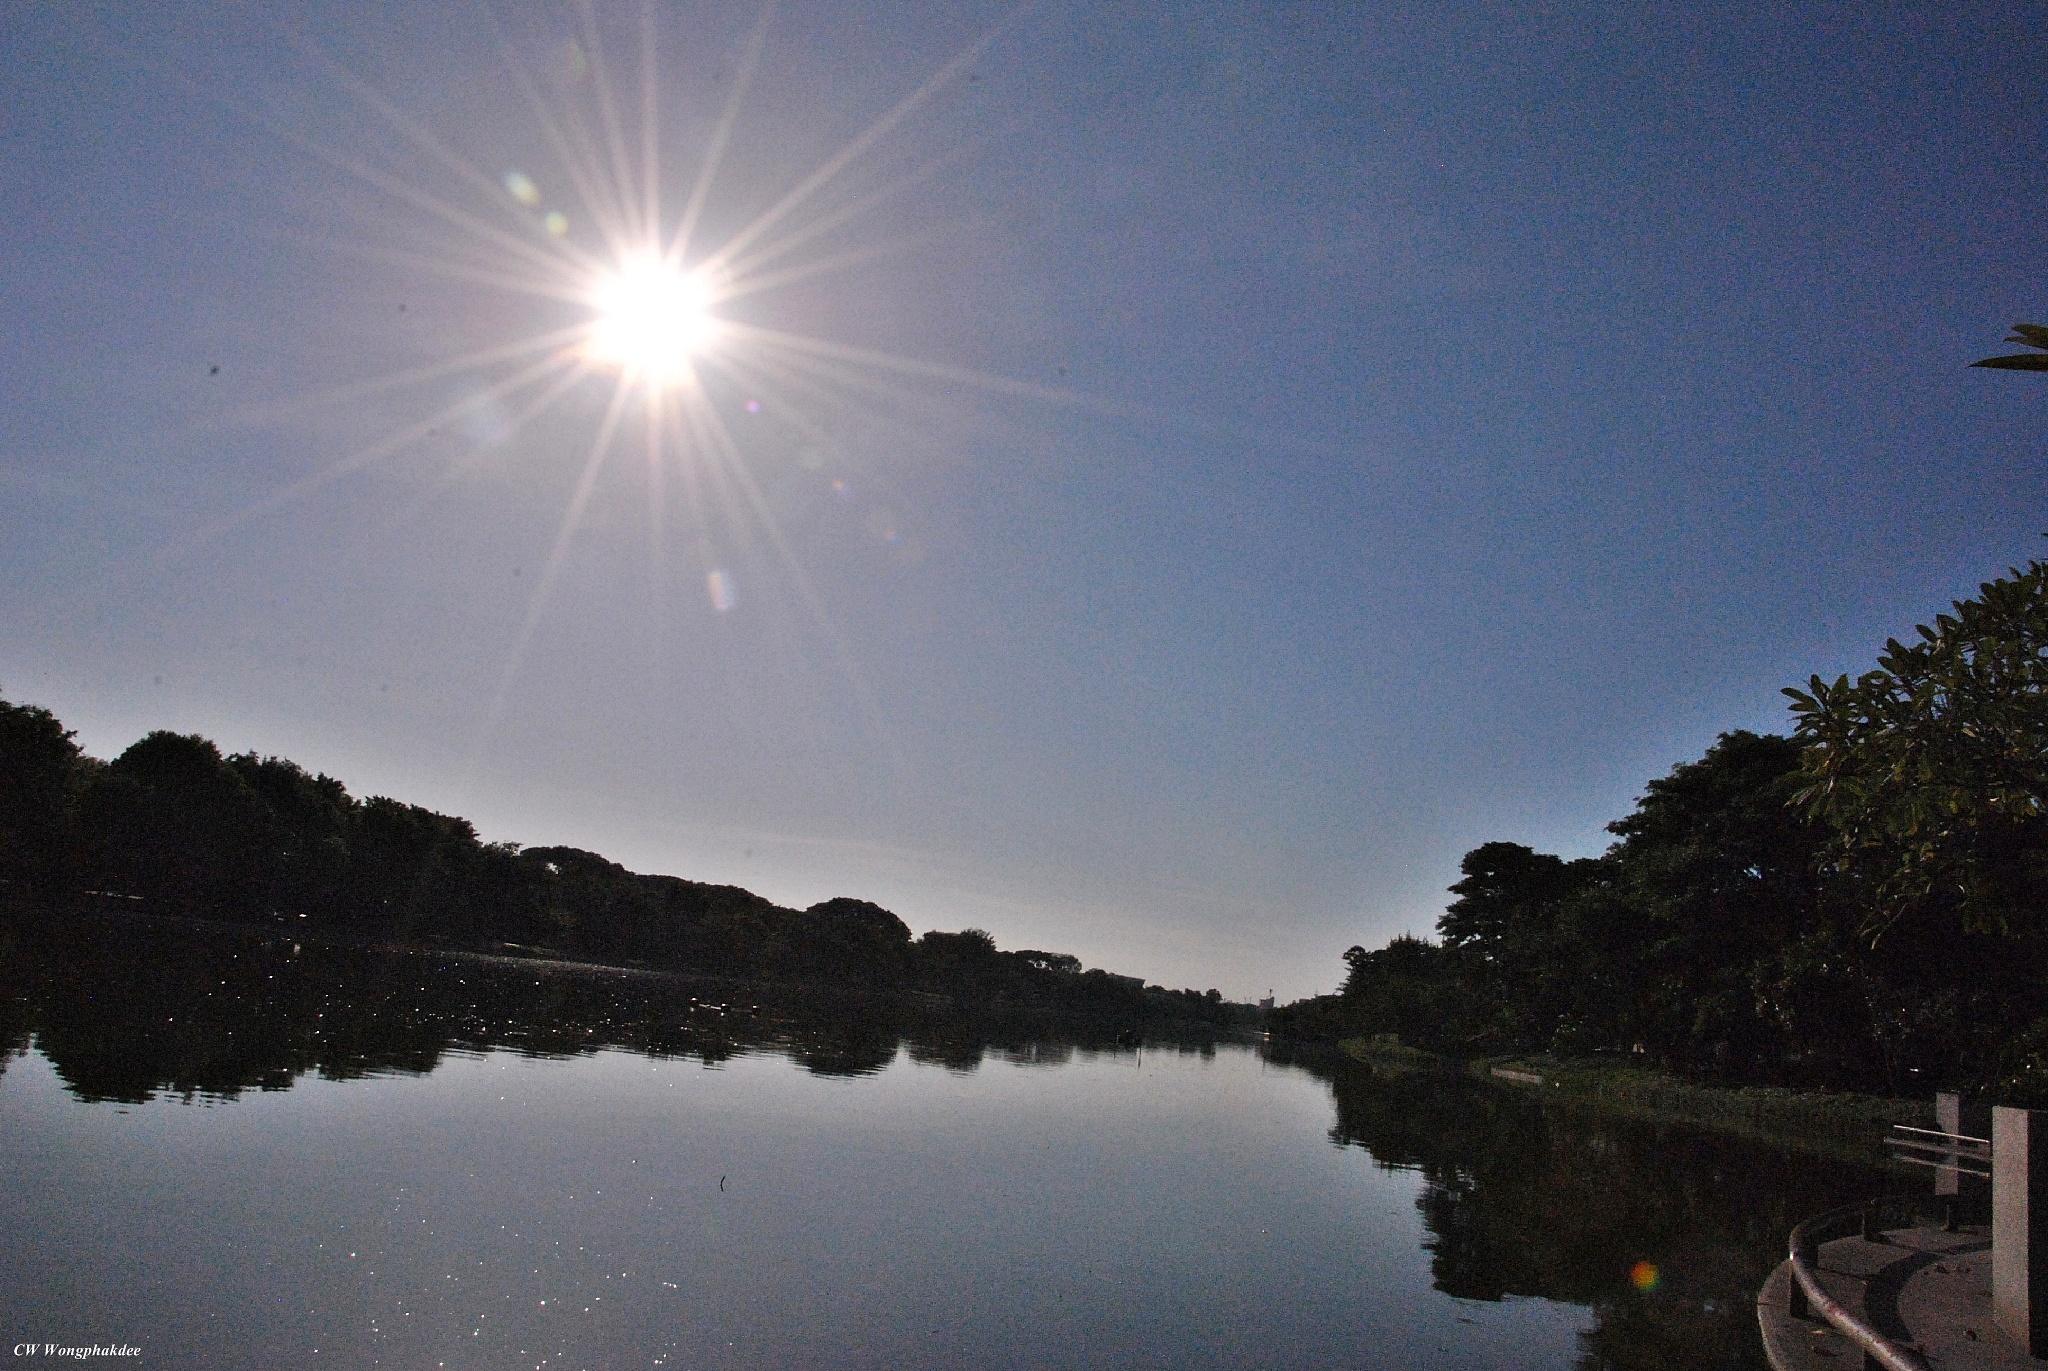 Sun by Wongphakdee